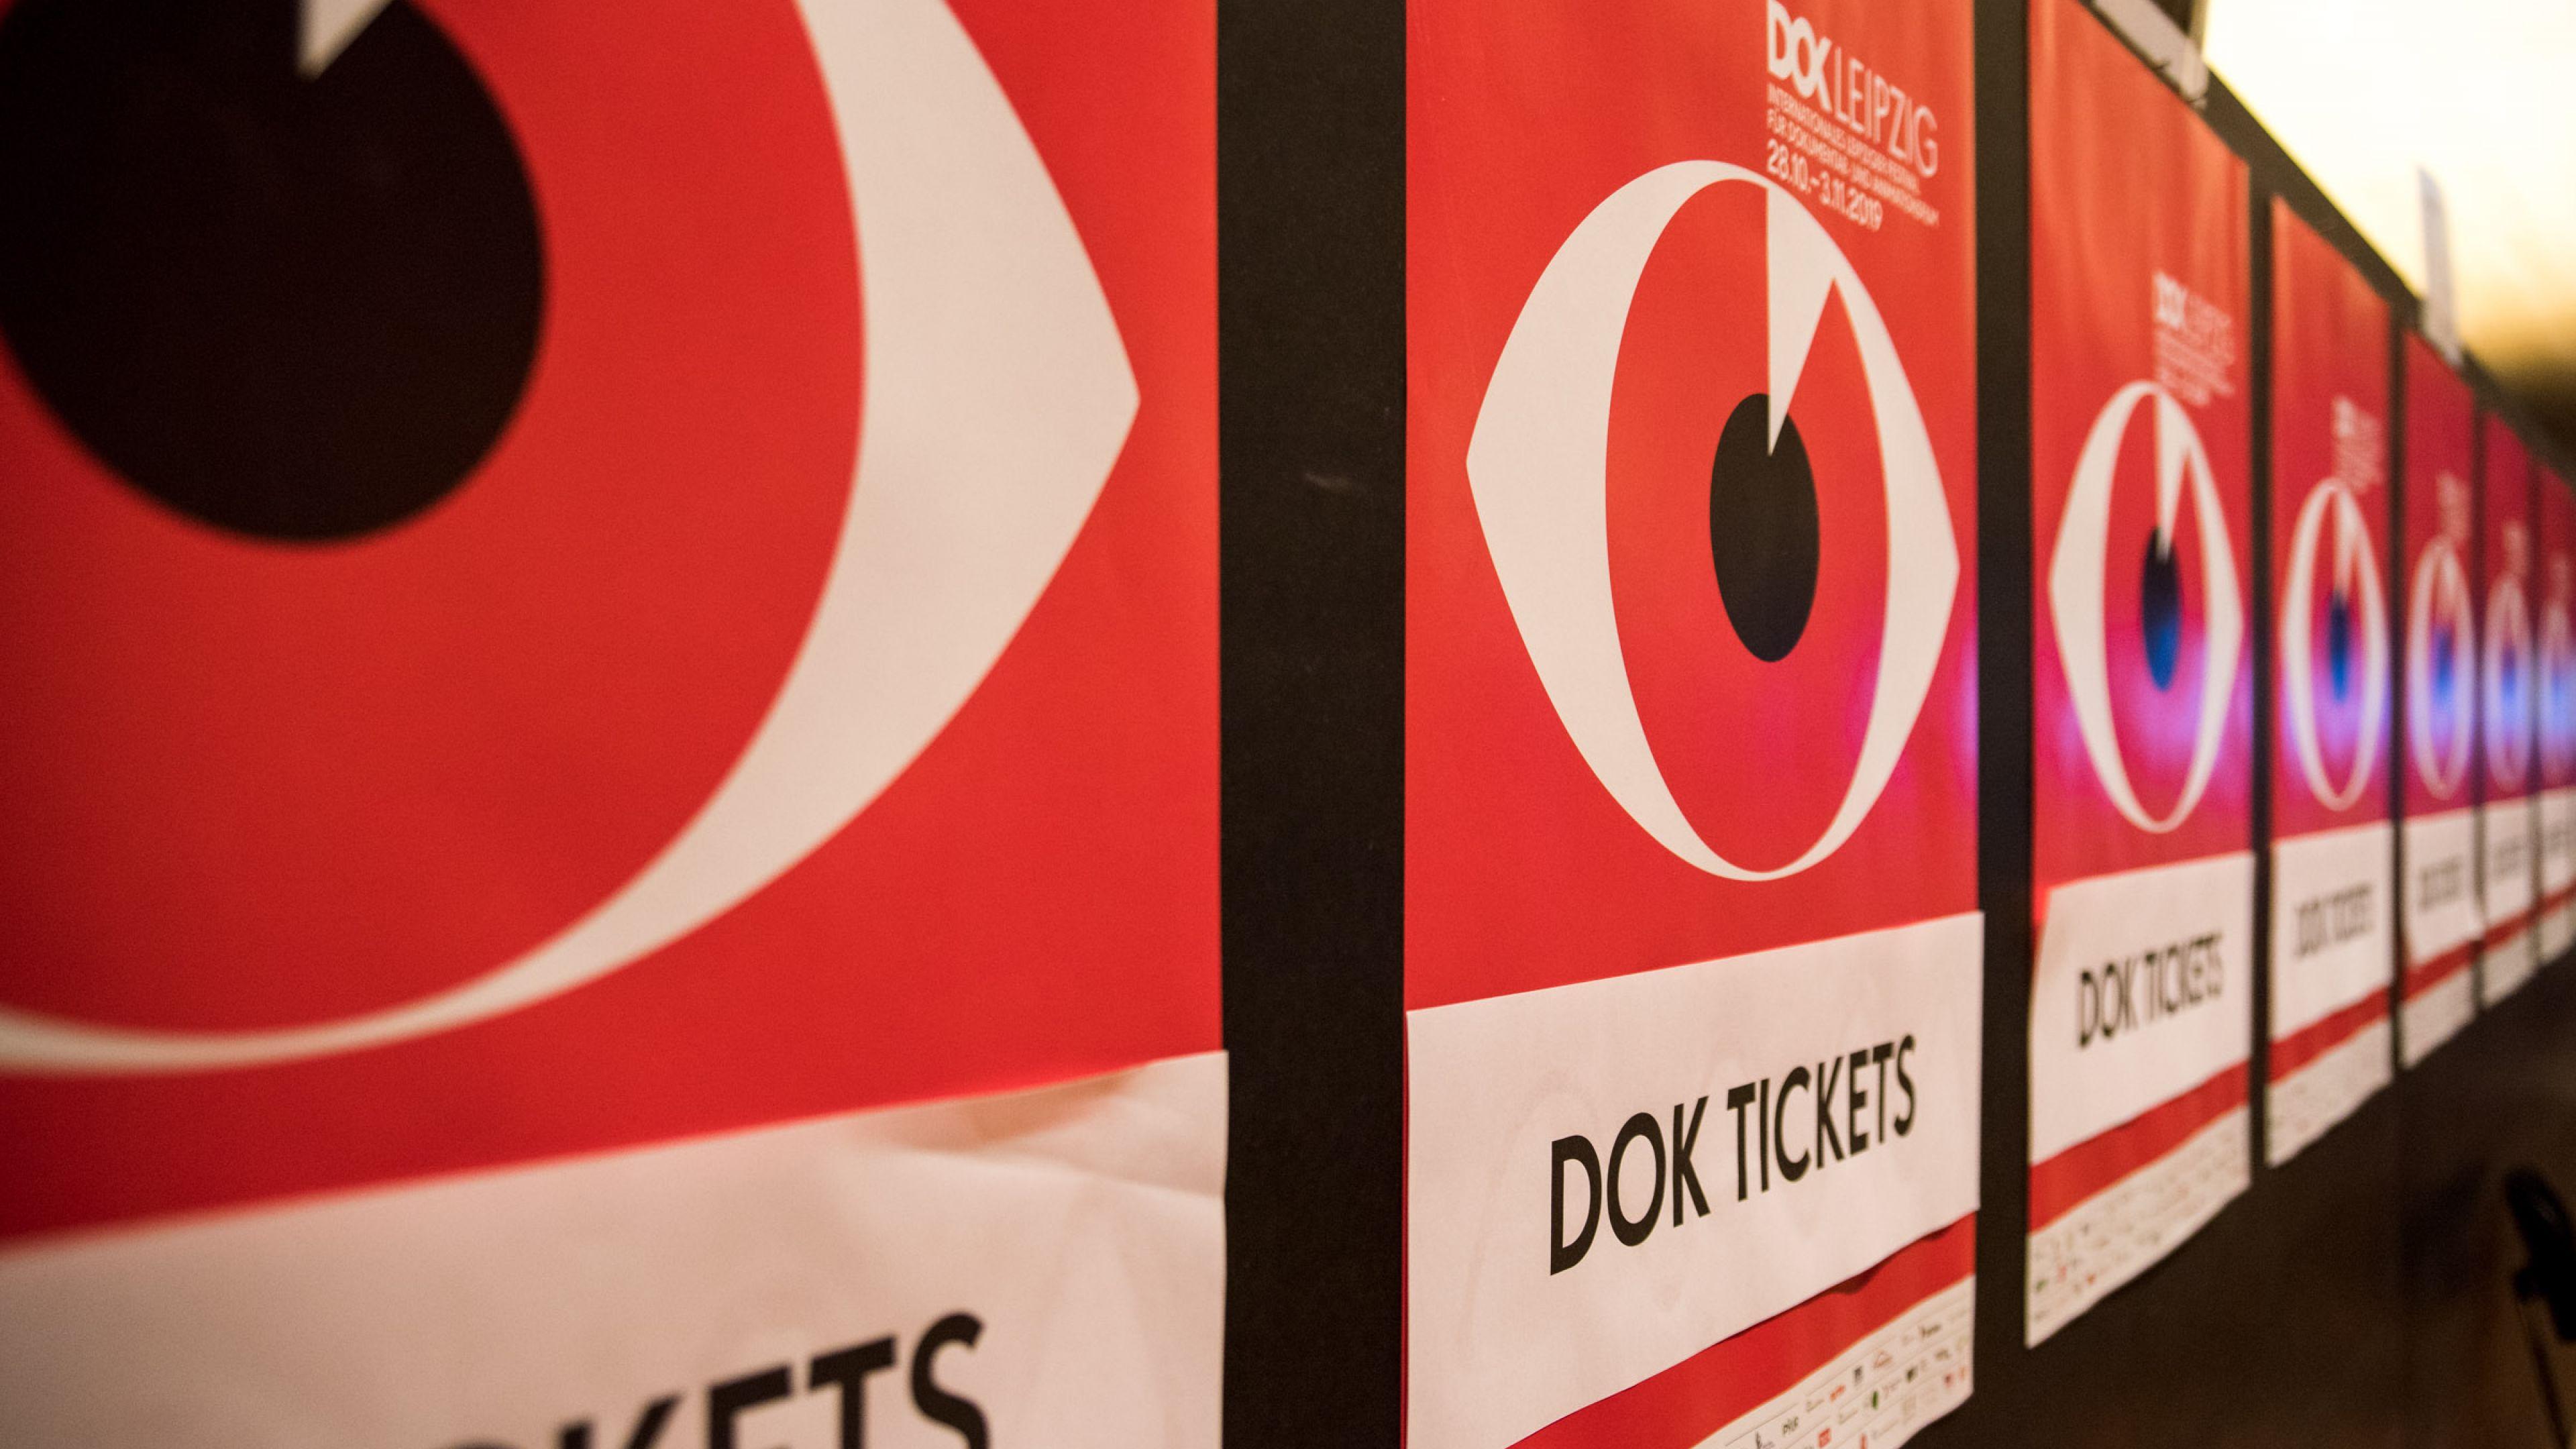 Eine Reihe von roten DOK Leipzig Plakaten mit der Aufschrift Tickets und dem roten Auge als  Festivalmotiv von 2019.